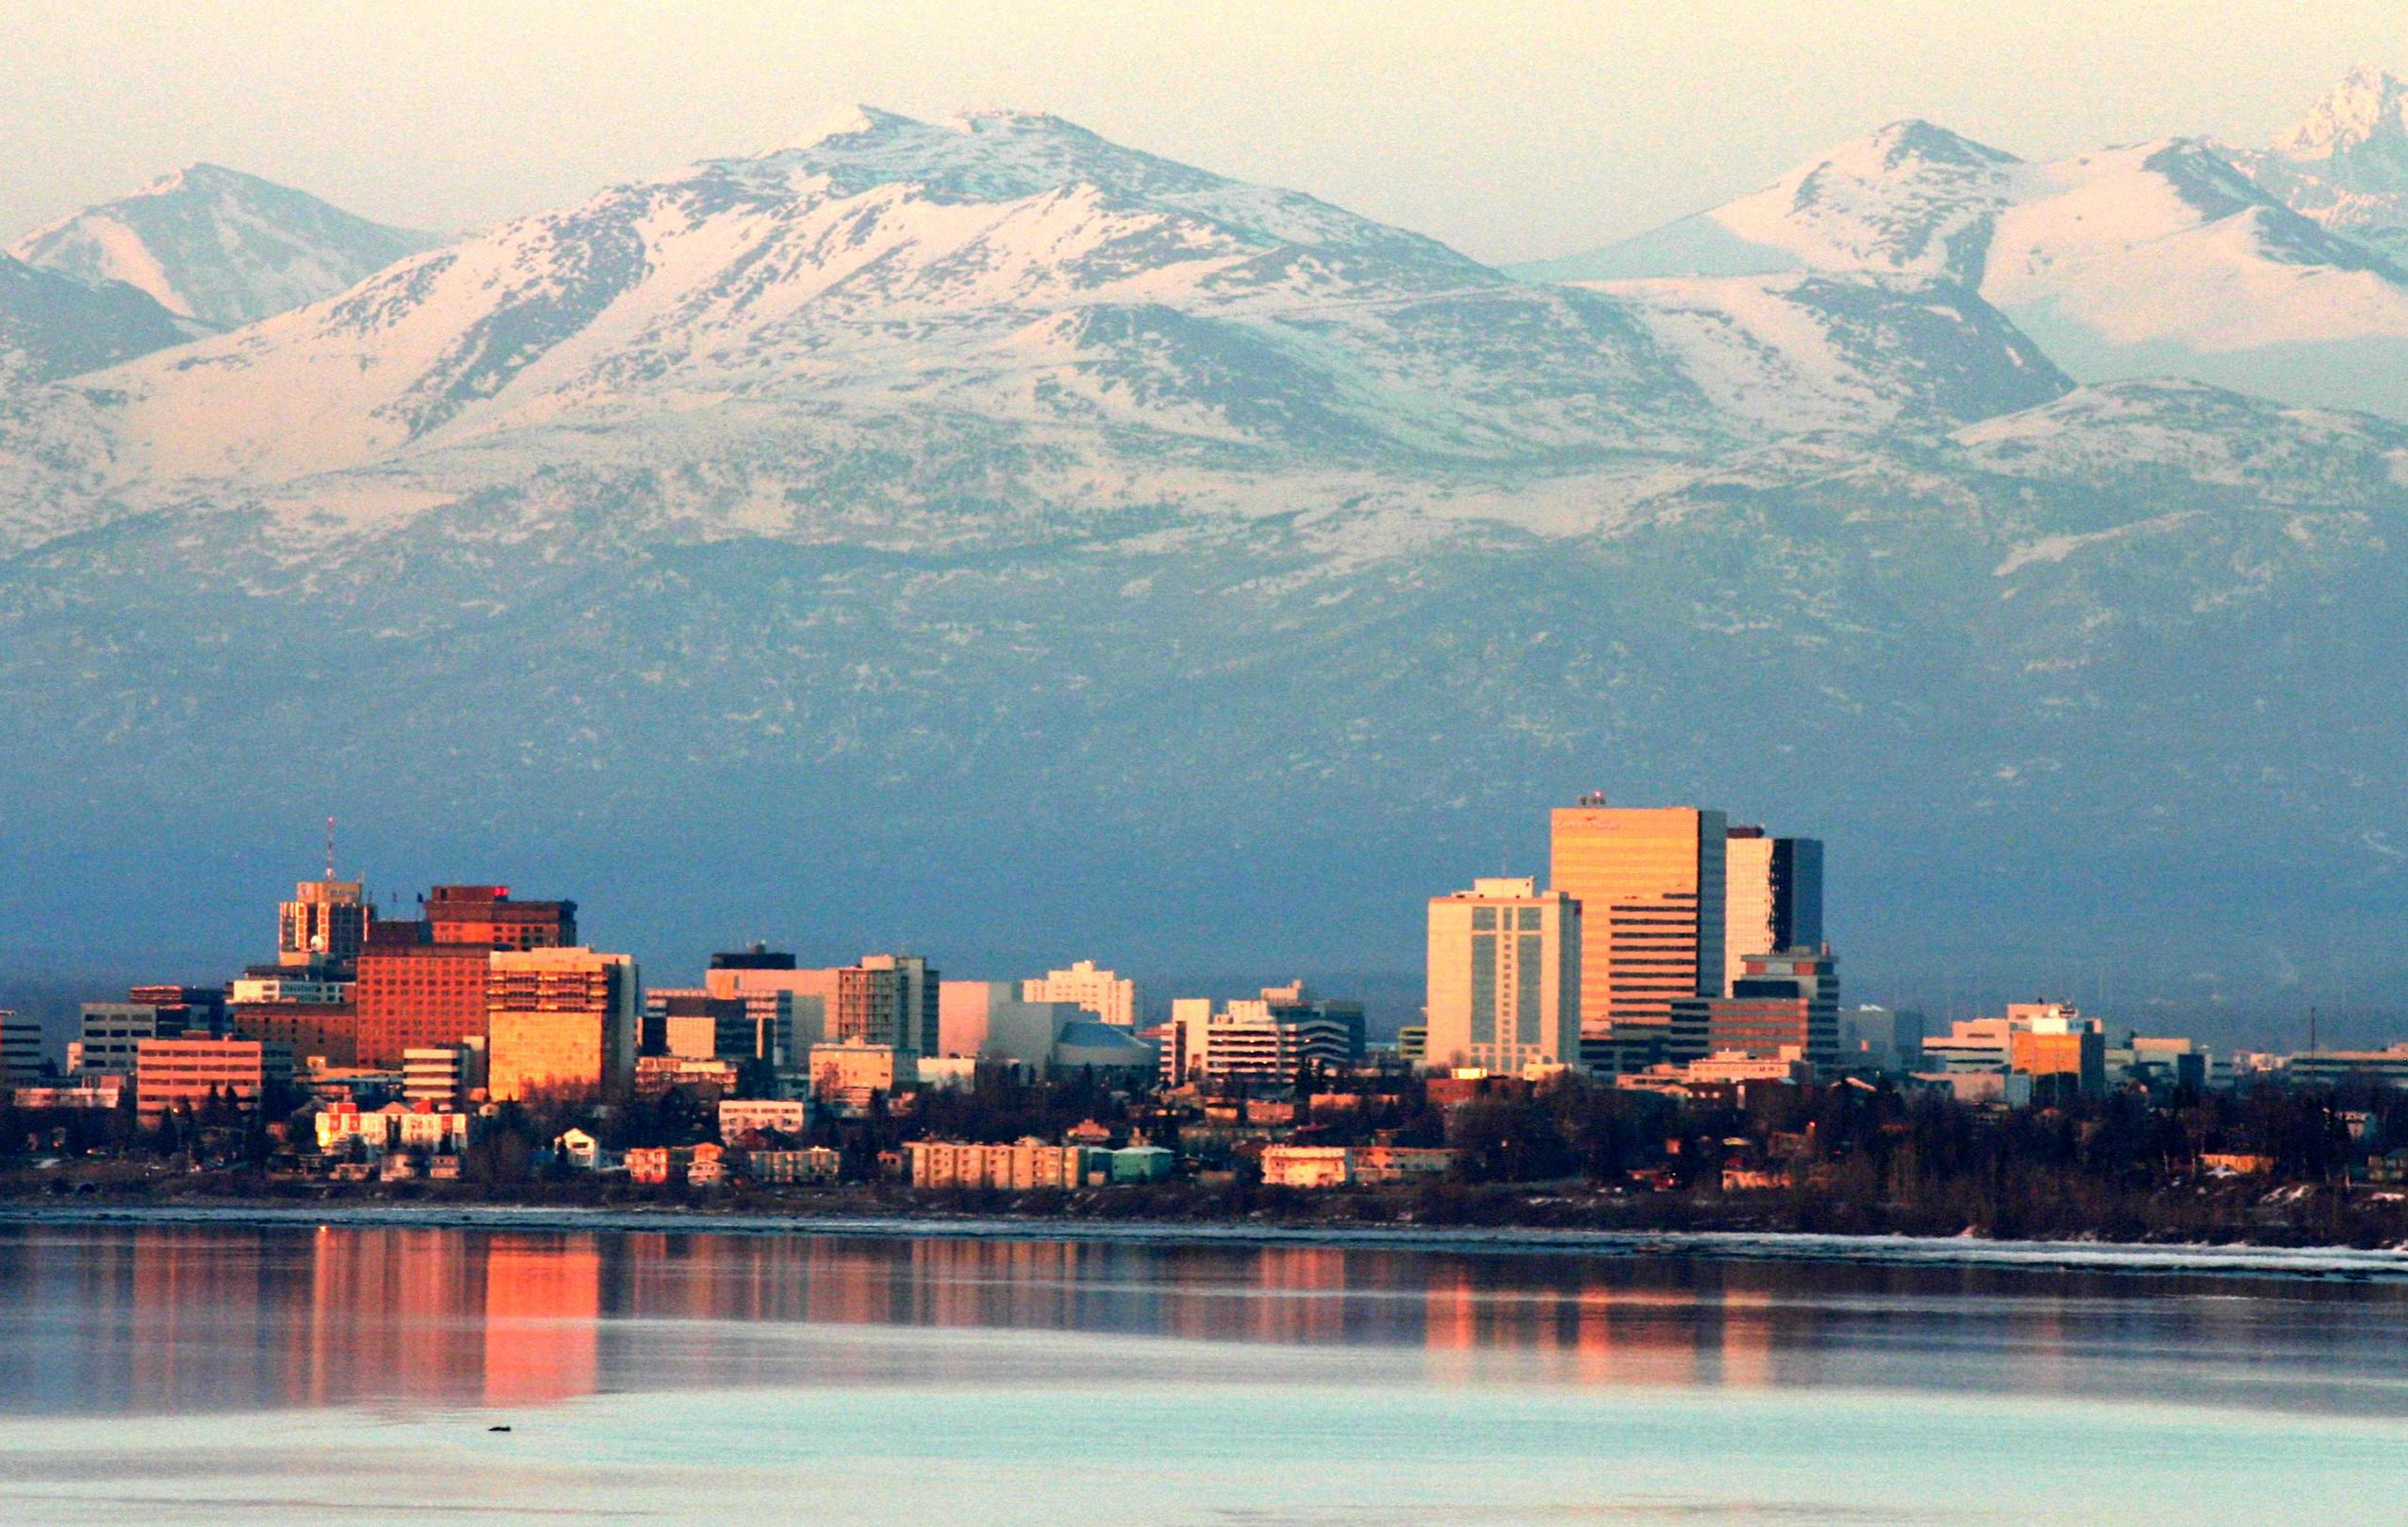 Alaska_Anchorage city